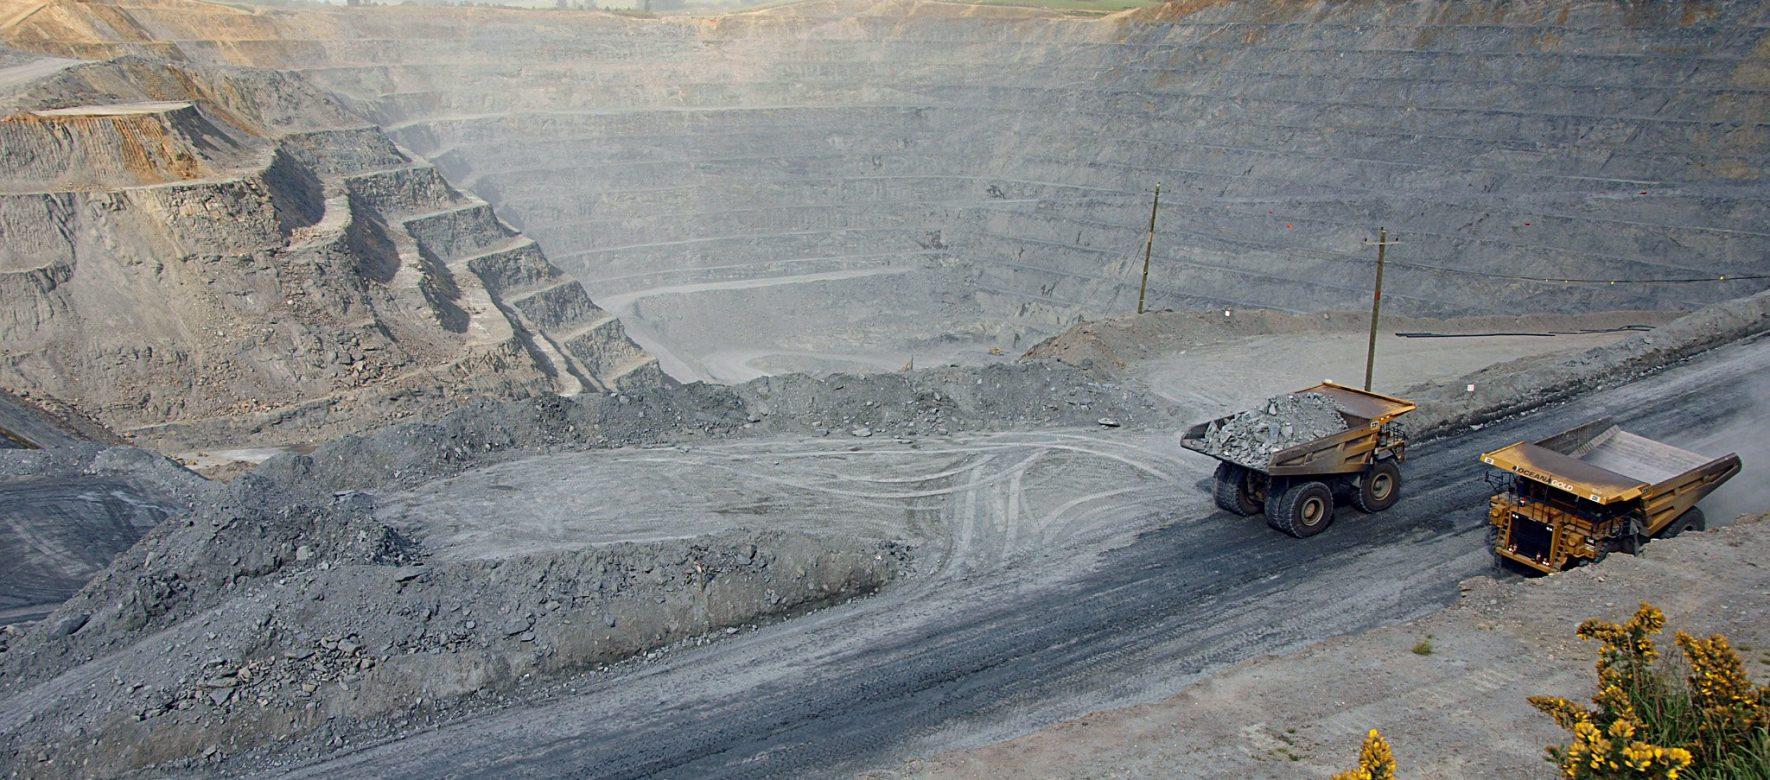 Maroc : BMW et le groupe minier marocain Managem ont conclu un accord de 100 millions d'euros pour la fourniture de cobalt